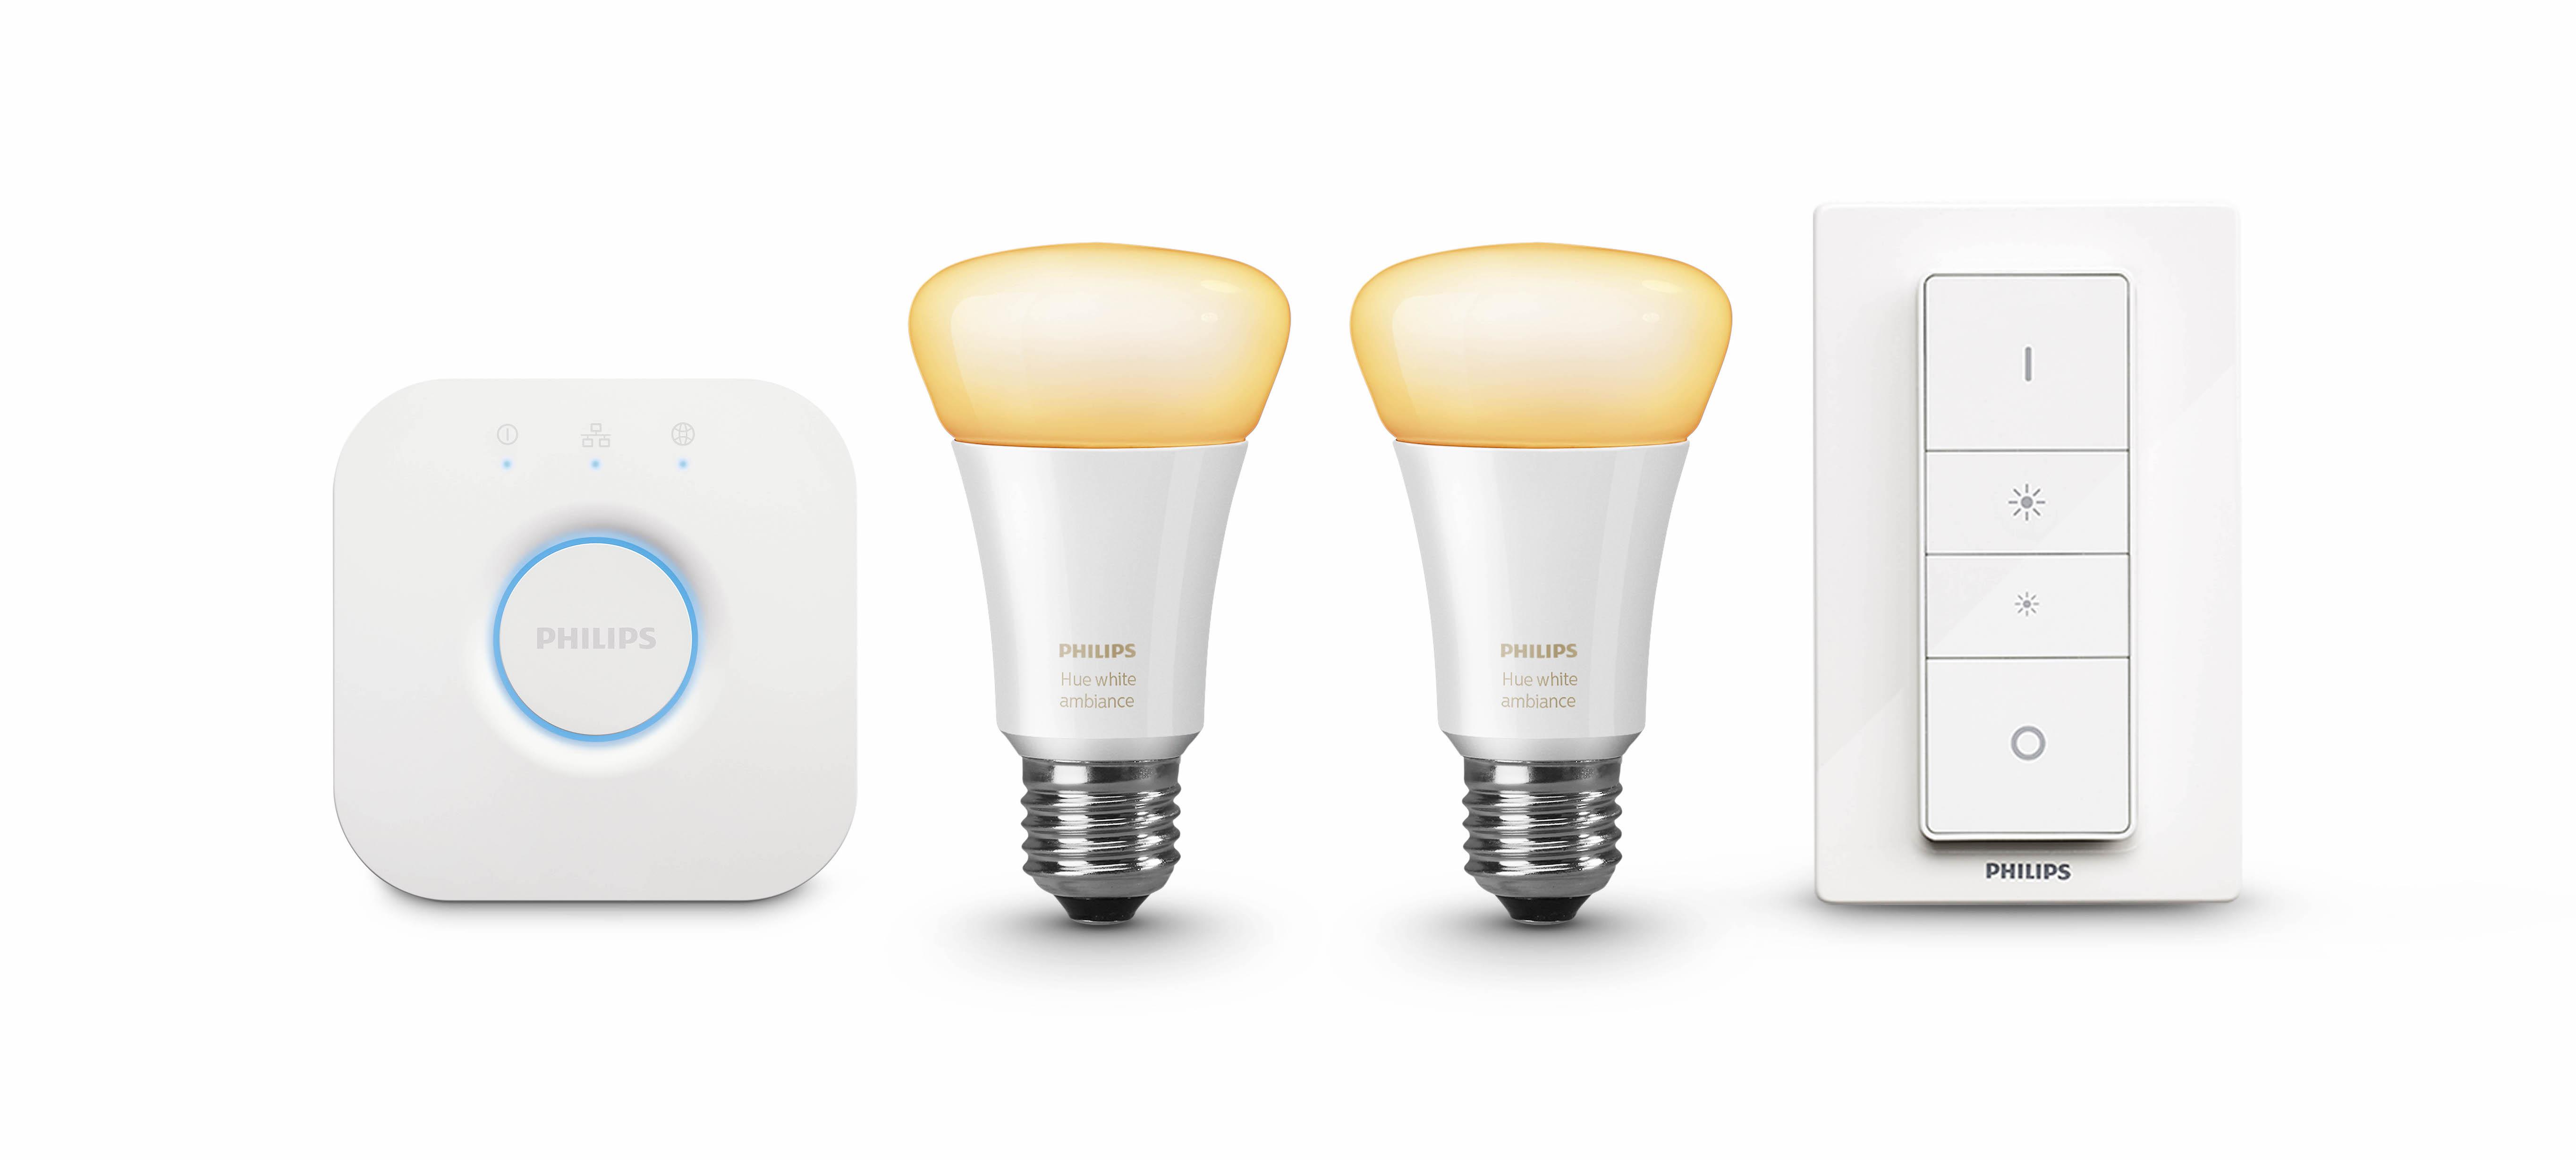 philips hue disponibilit des ampoules connect es white. Black Bedroom Furniture Sets. Home Design Ideas